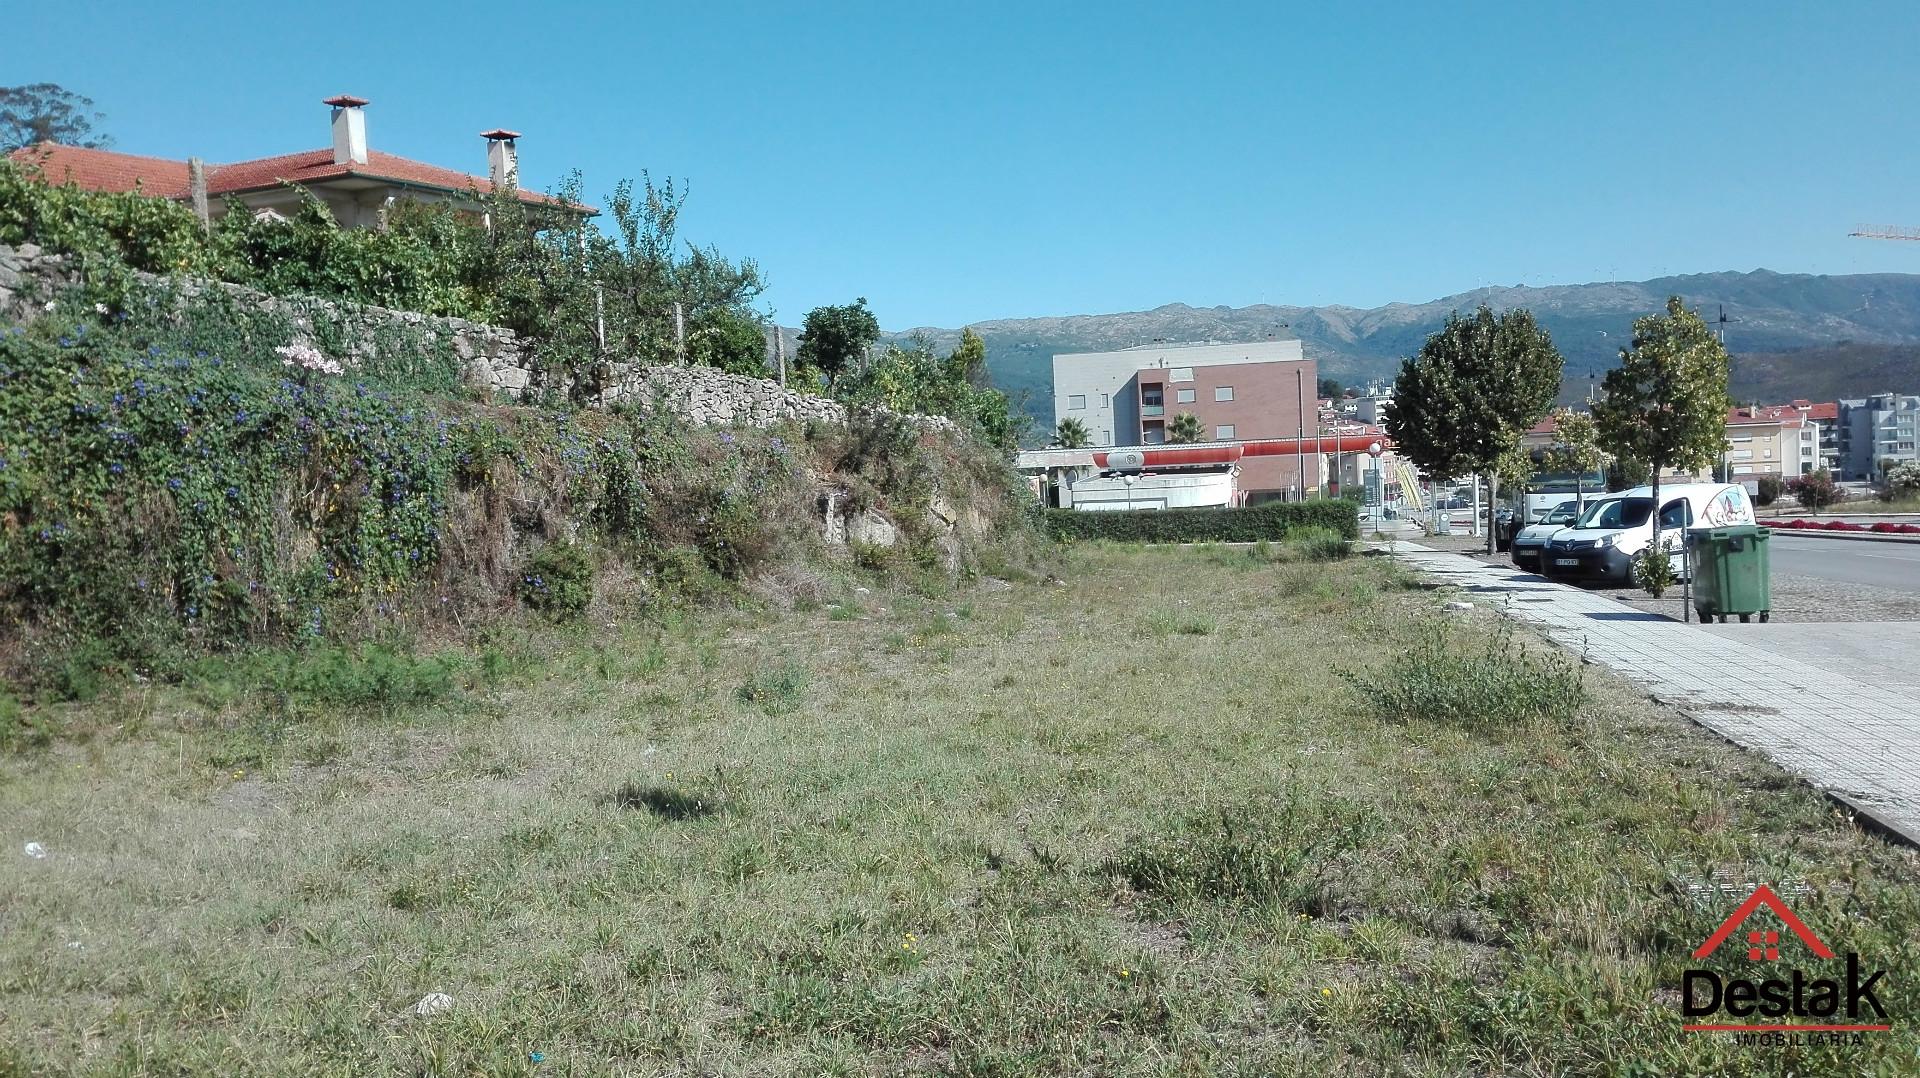 Terreno para construção, Oliveira de Frades, c/ projeto aprovado para 7 moradias em banda.